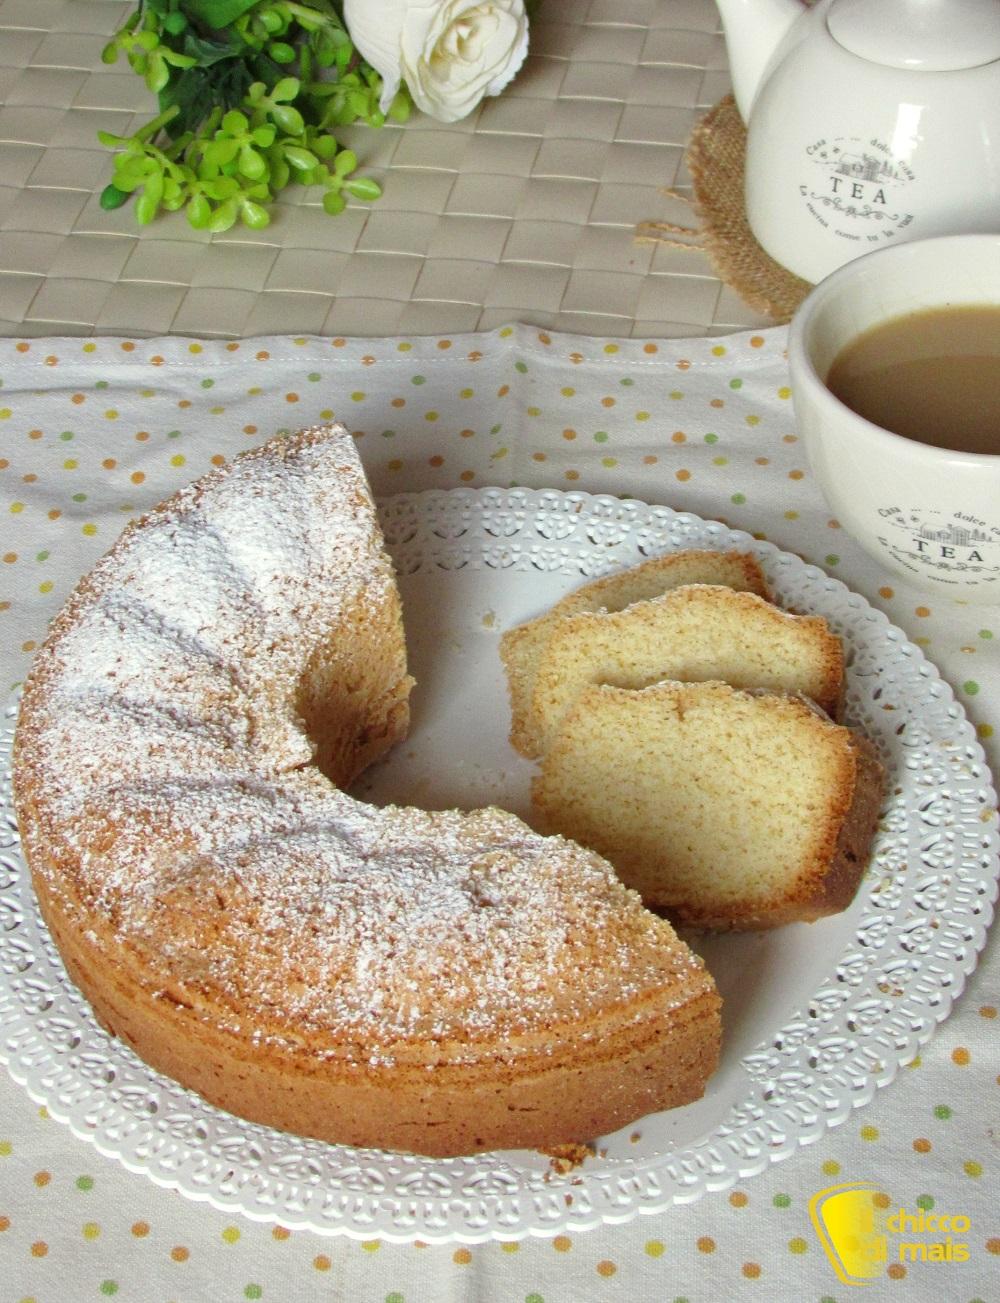 verticale_ciambellone semplice leggero e genuino ricetta senza burro senza lattosio senza glutine il chicco di mais